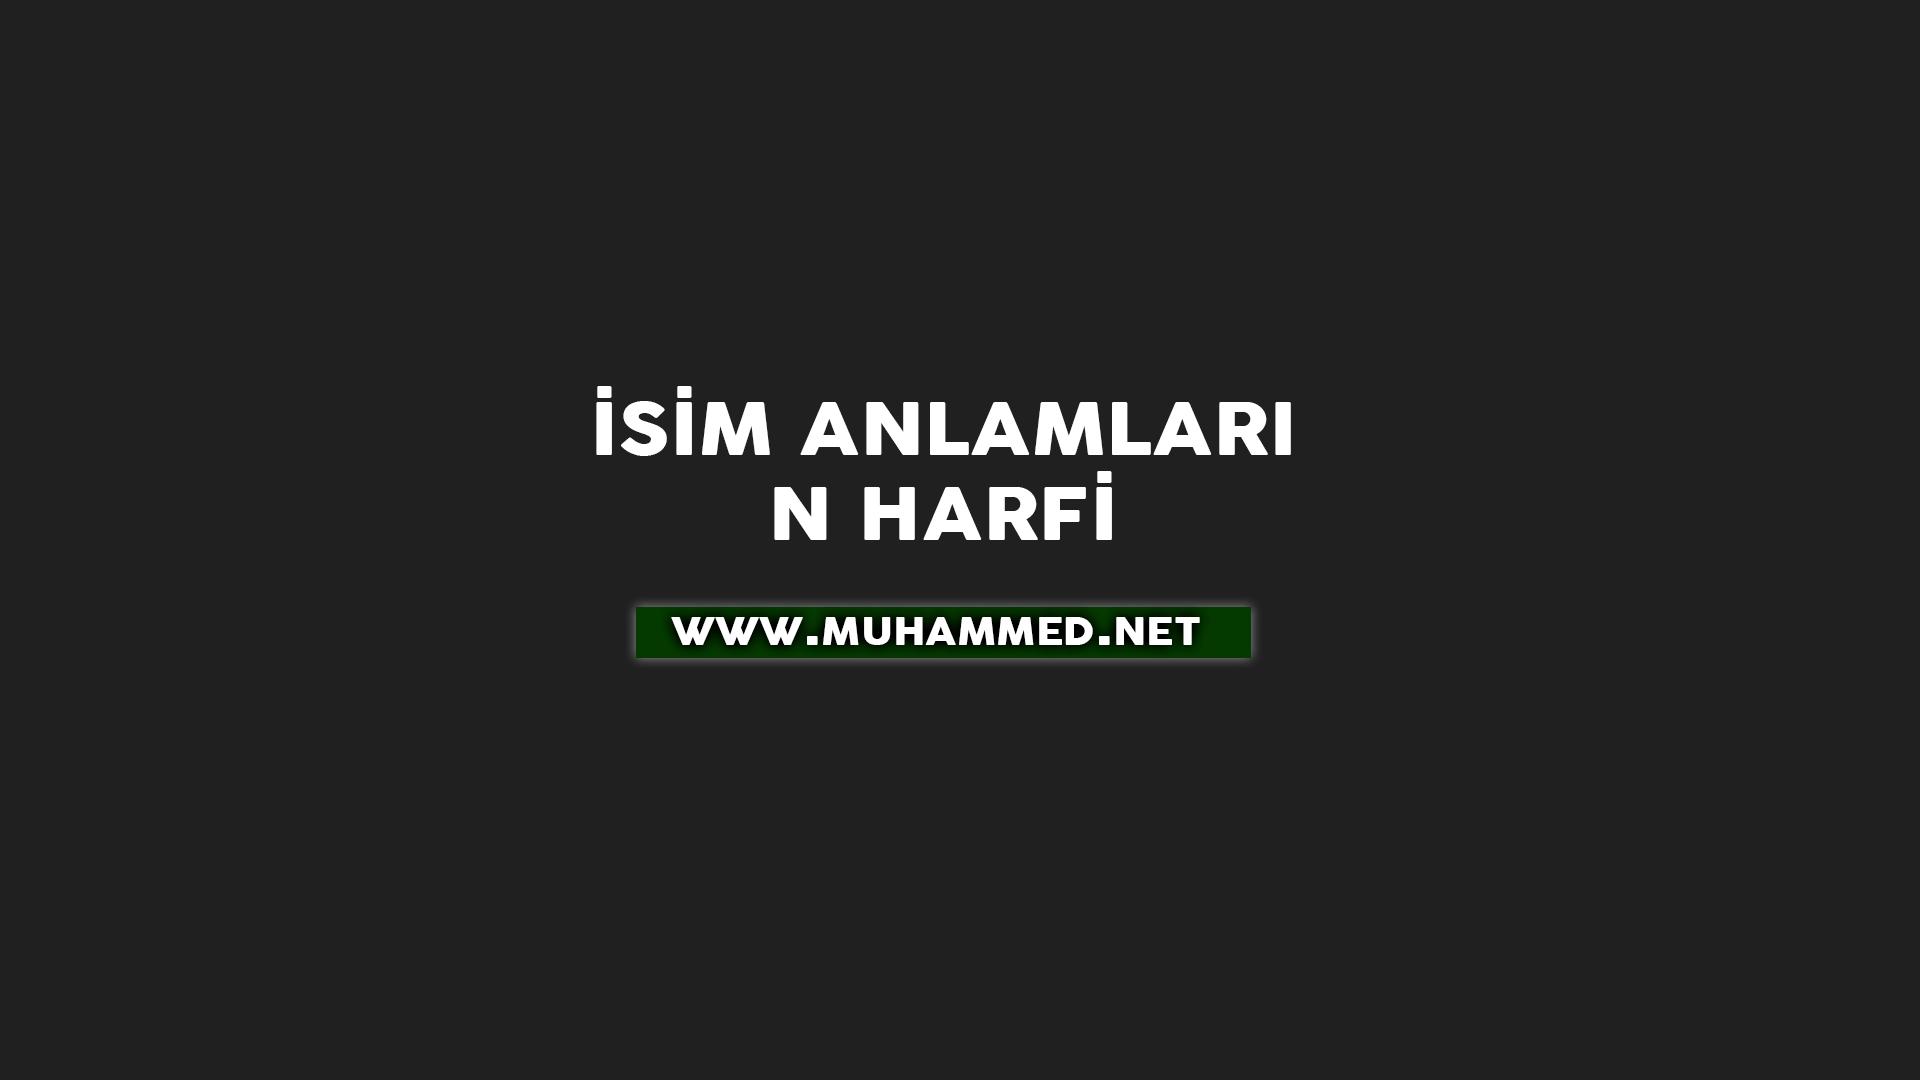 İsim Anlamları - N Harfi